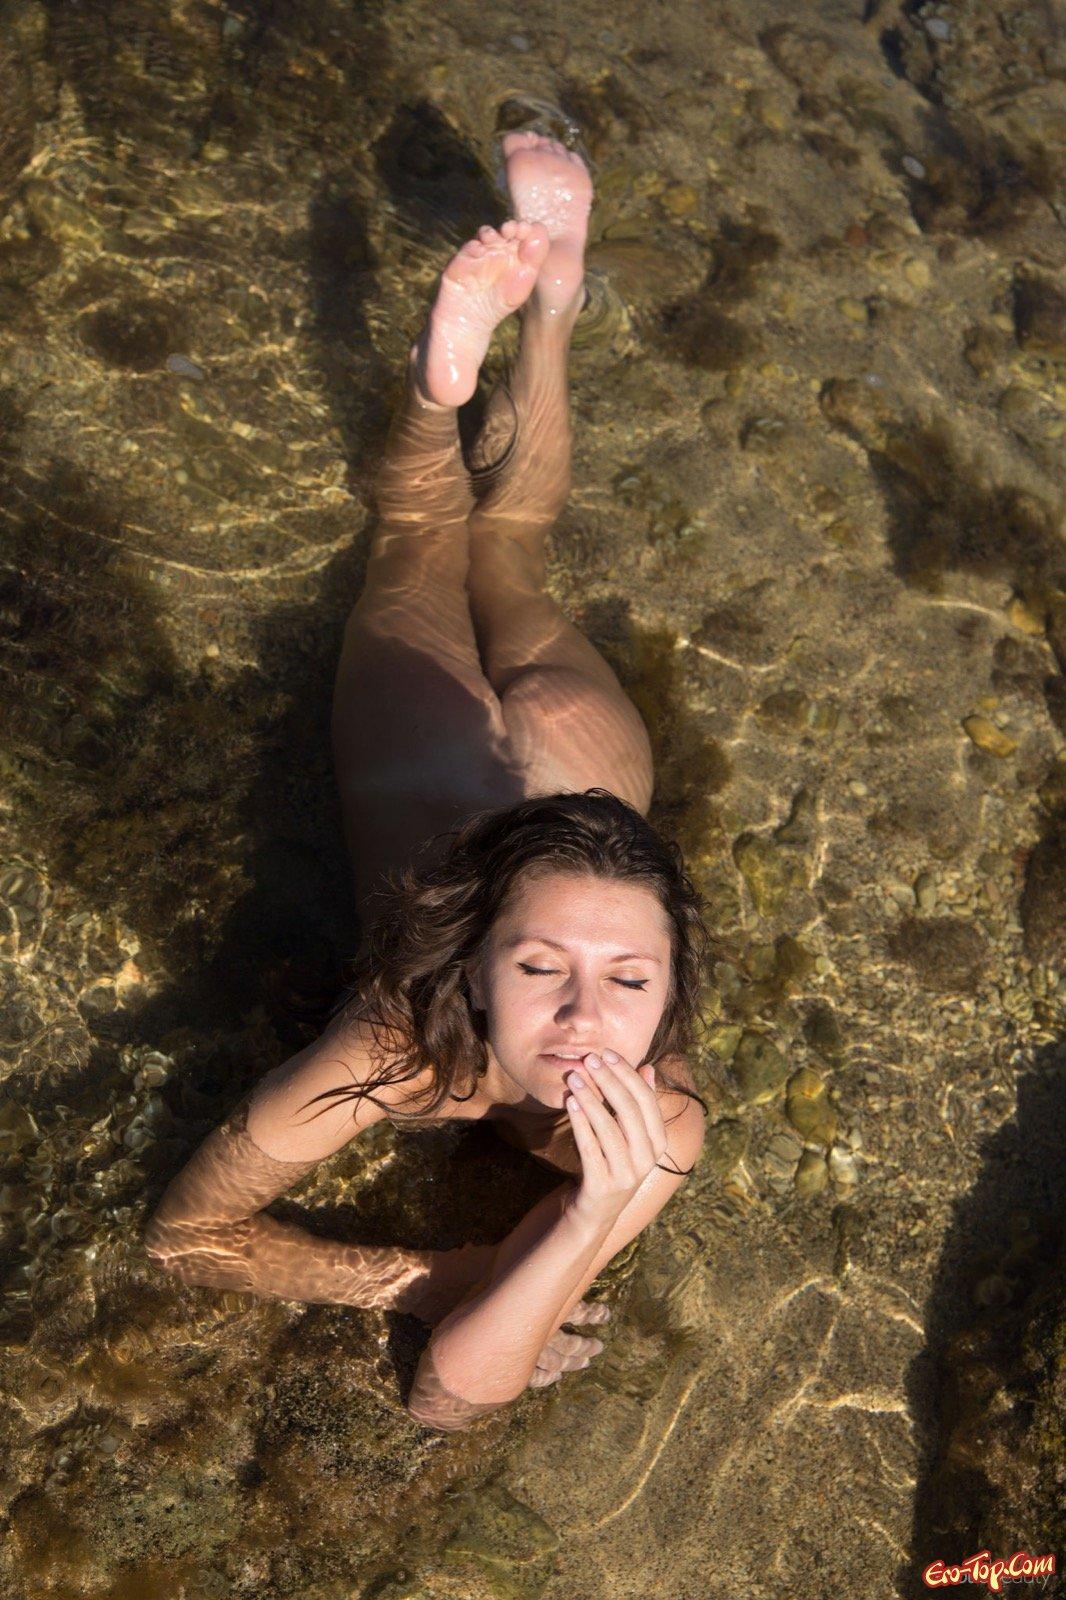 Голая девушка сексуально купается в море